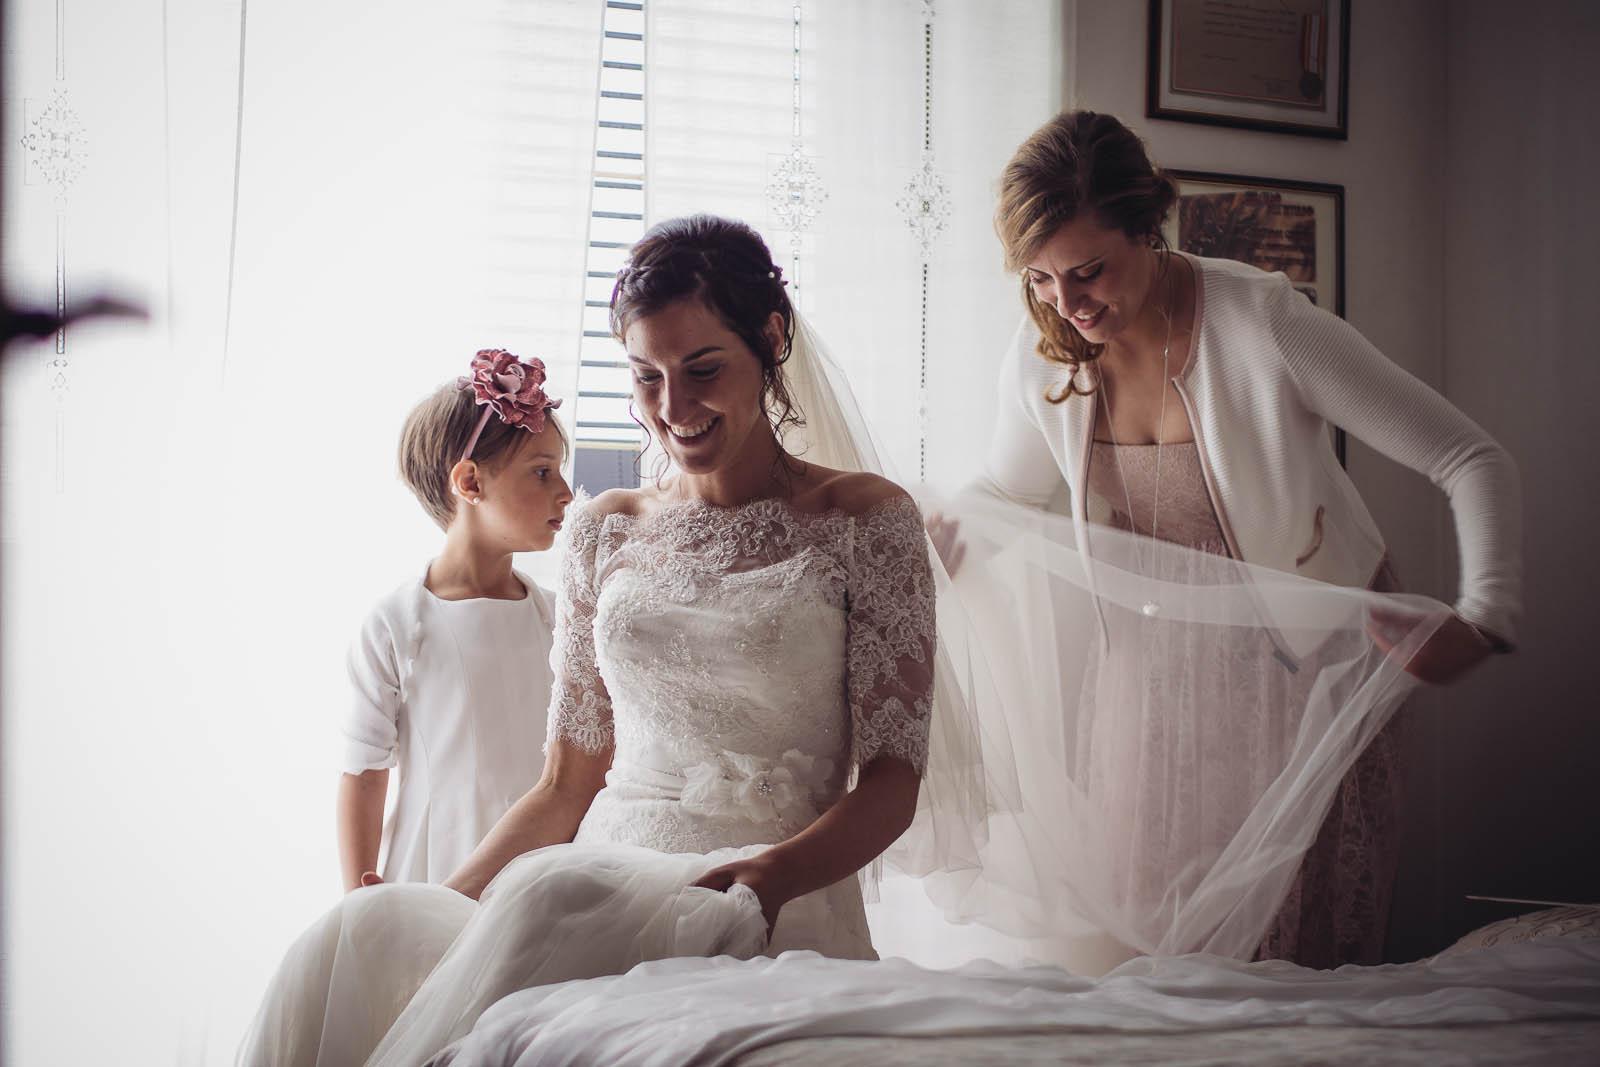 foto preparazione matrimonio: la sposa e le damigelle